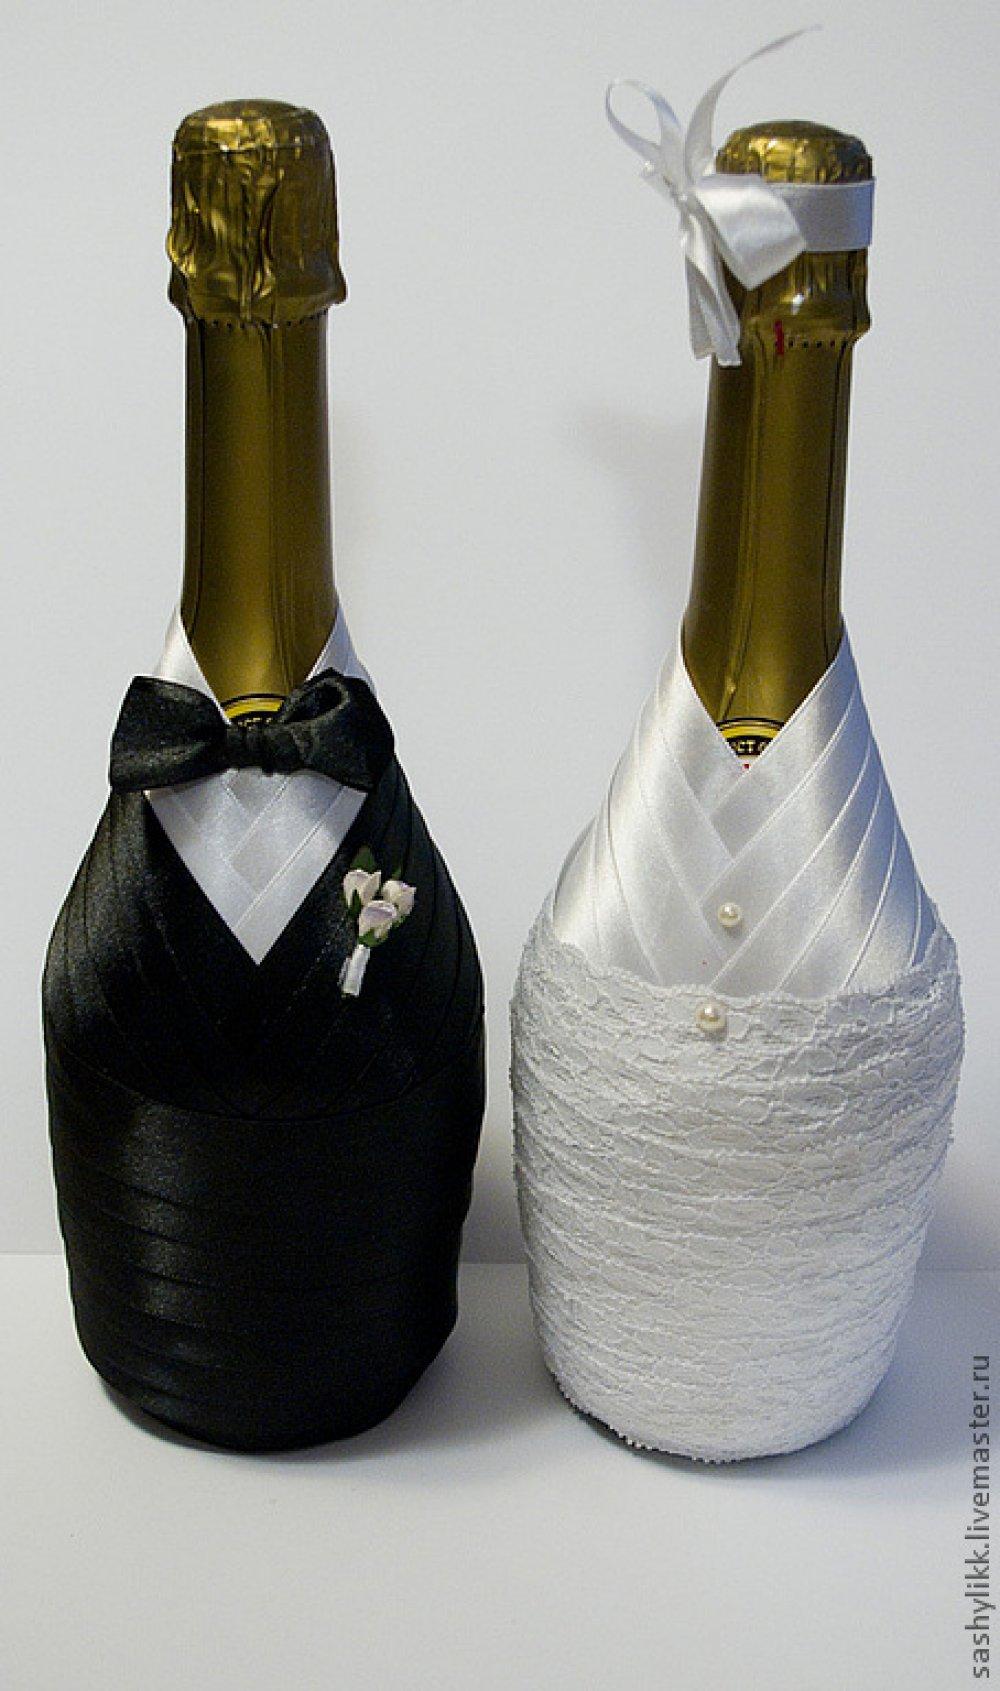 Как украсить бутылку коньяка на свадьбу своими руками